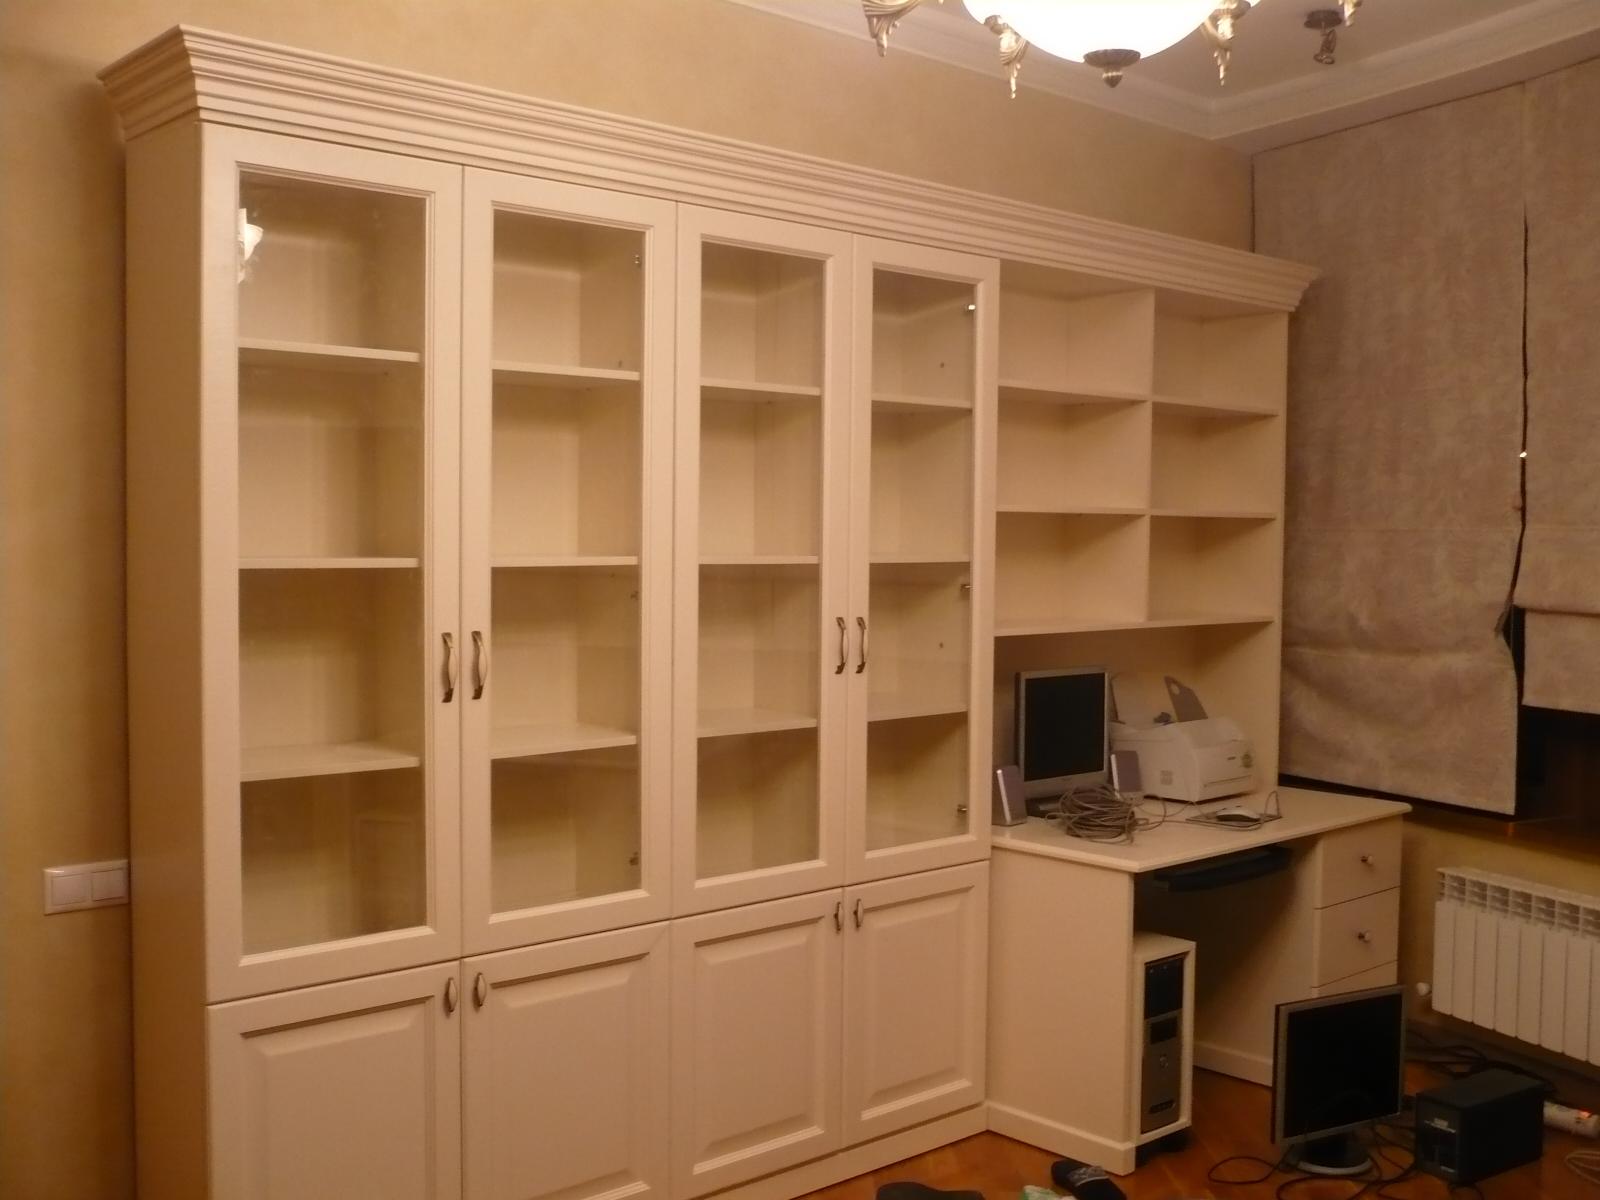 Изготовление книжных шкафов на заказ - столярные работы.